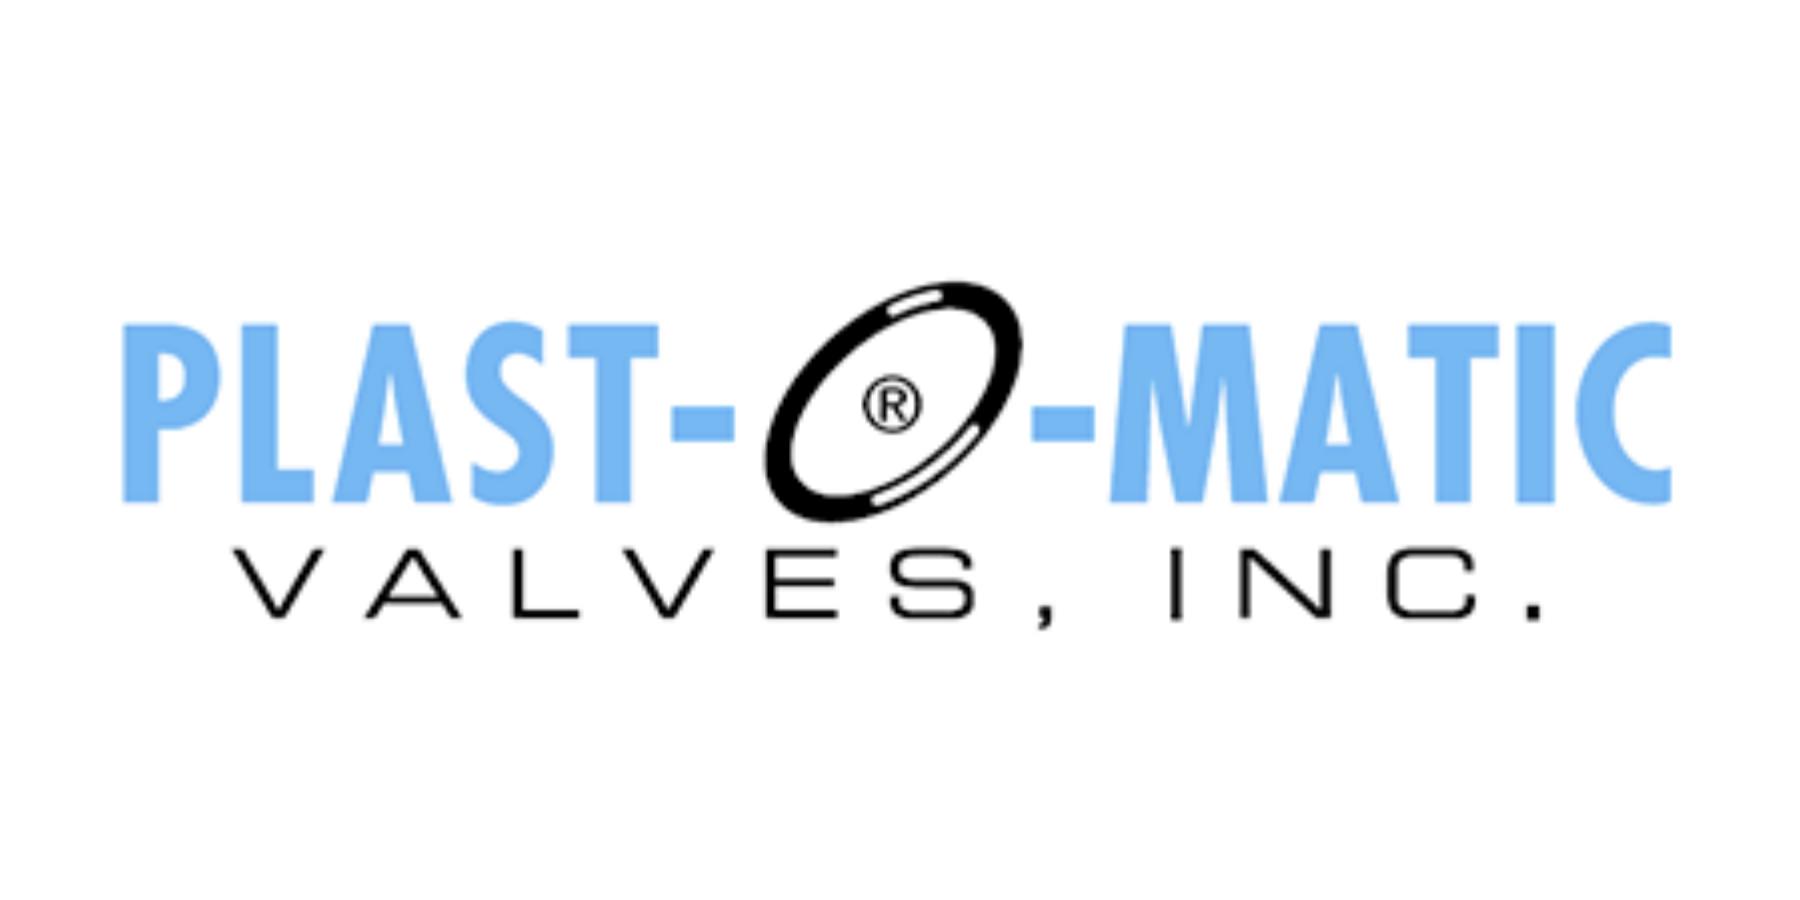 Plast-O-Matic Valves Inc.